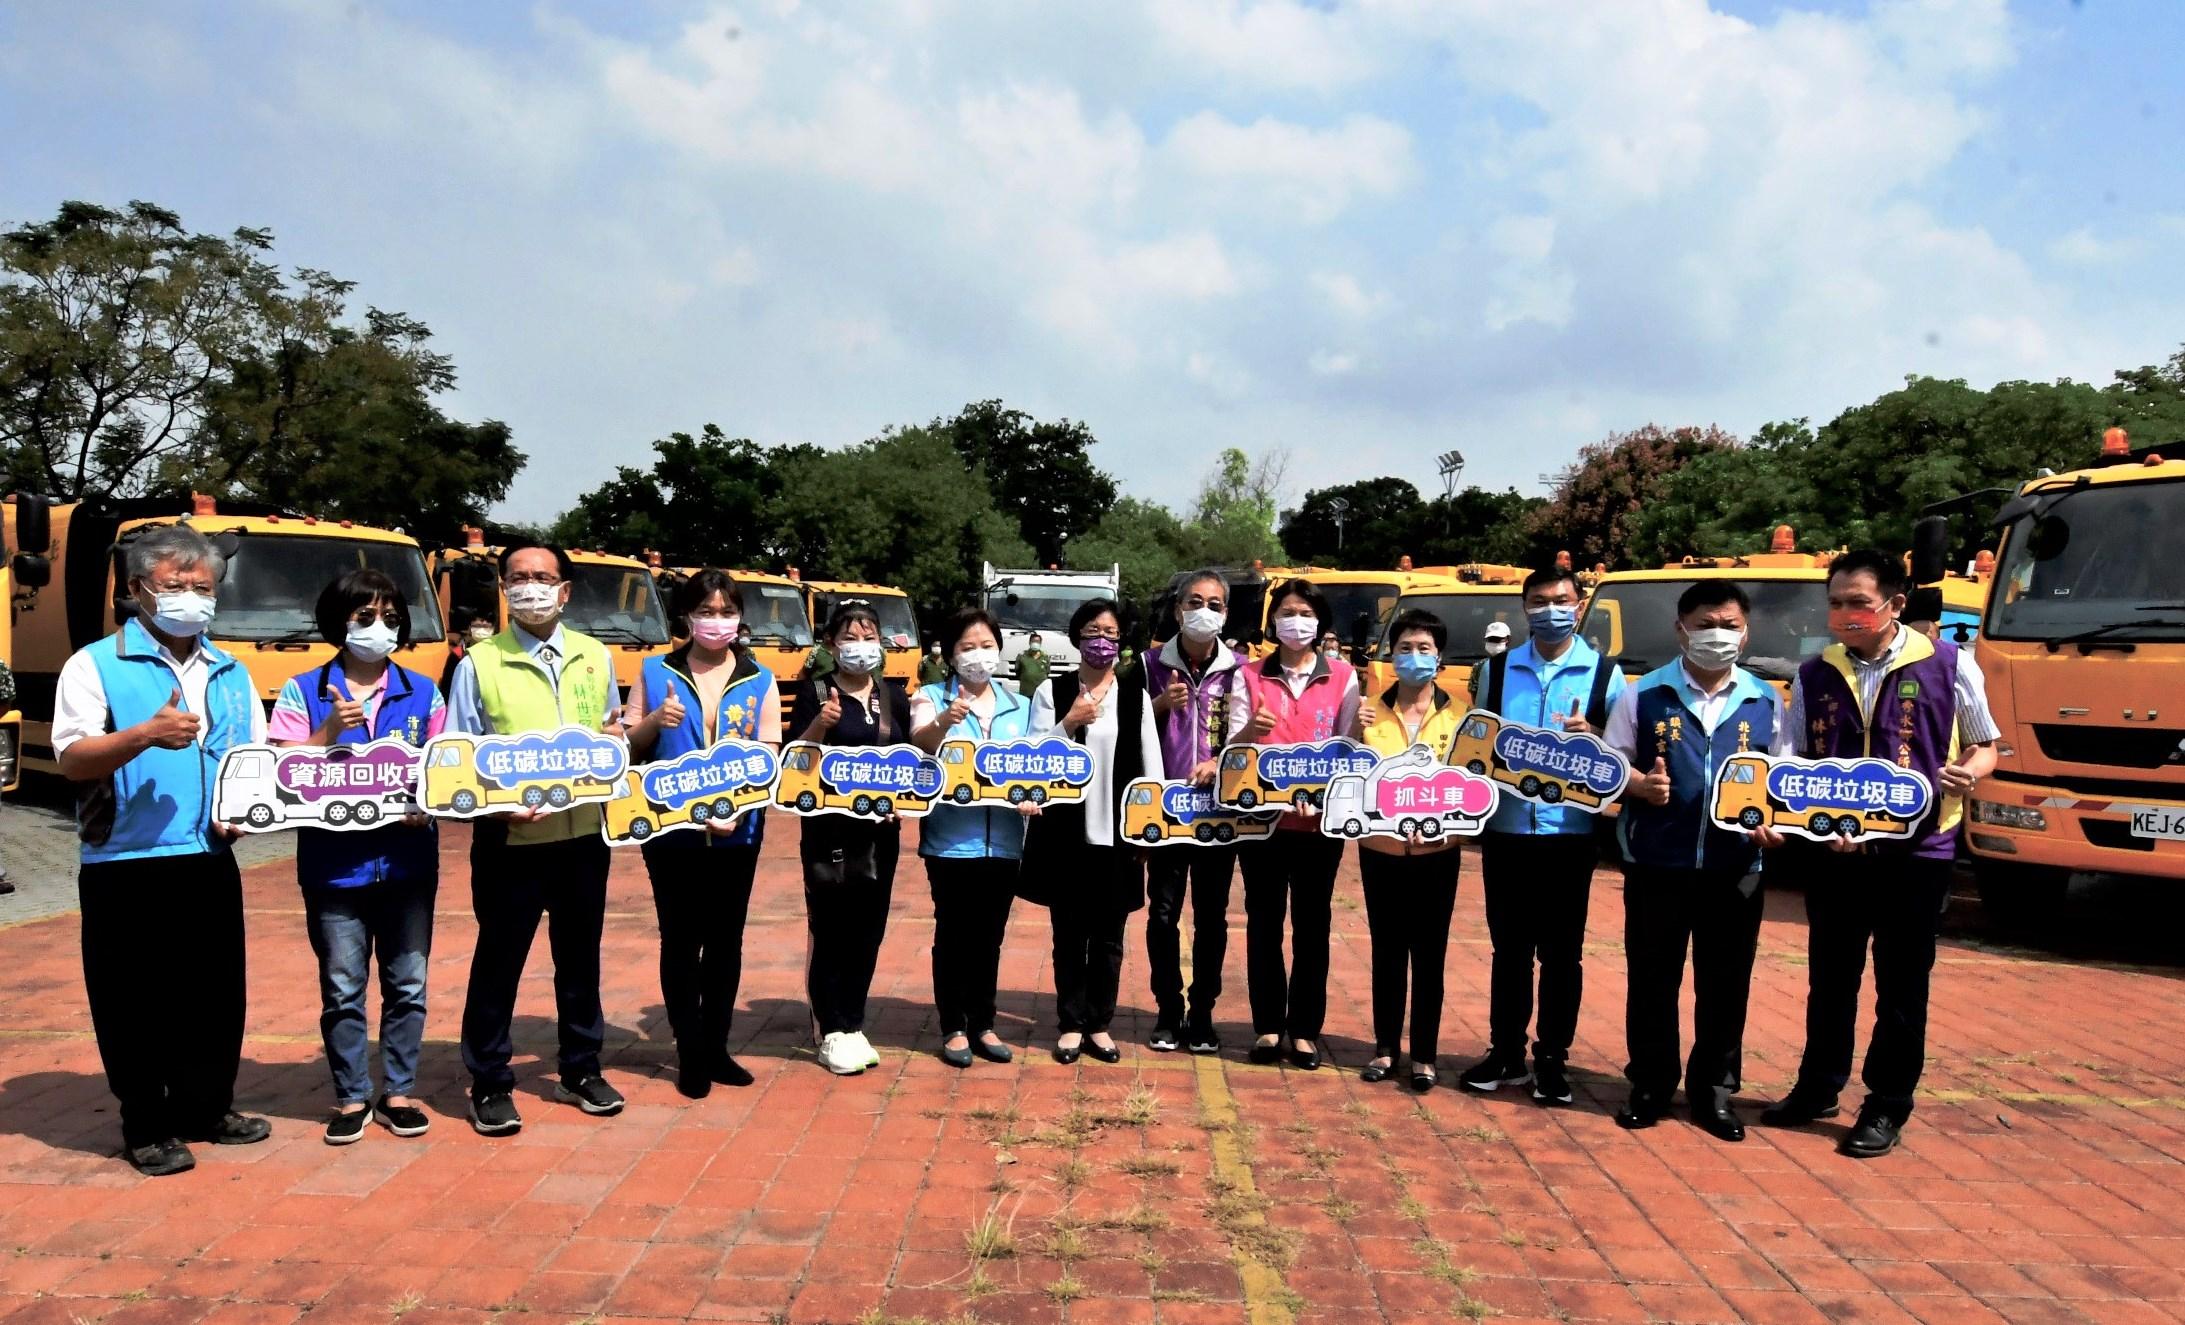 感謝有您們!守護環境的戰士! 彰化縣環保車輛授車  表揚模範清潔人員